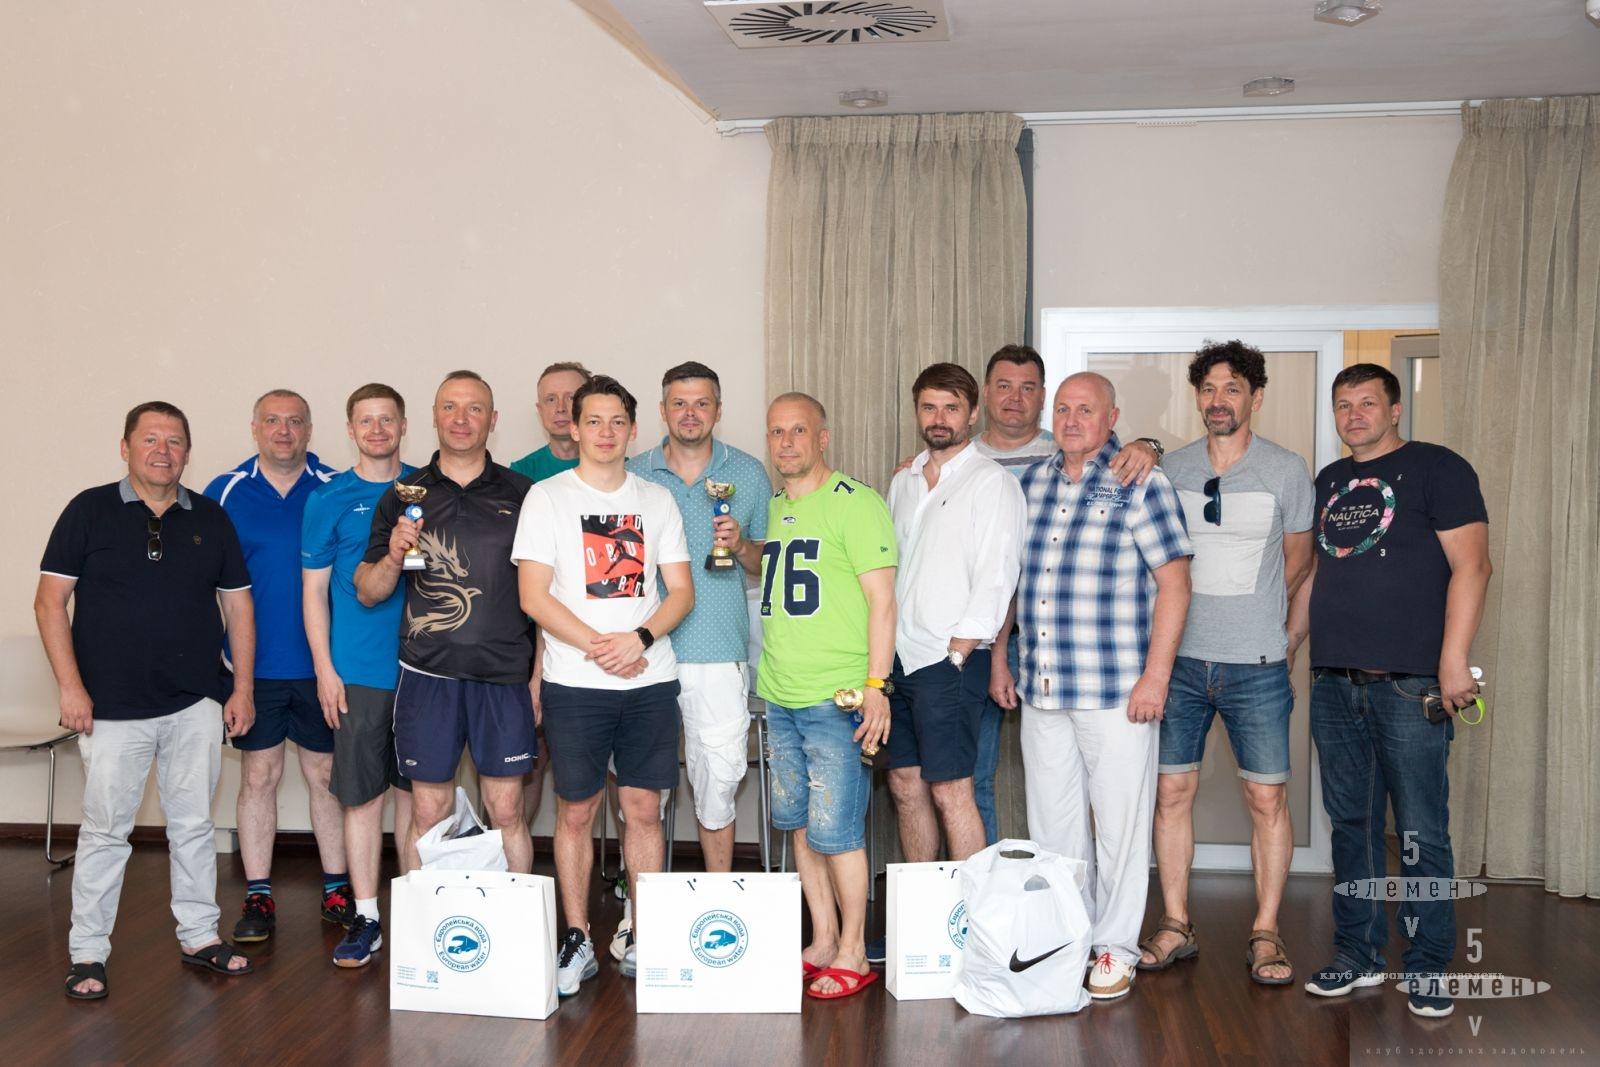 Второй тур  открытого клубного чемпионата по настольному теннису 2020 года.— fitness club 5 element